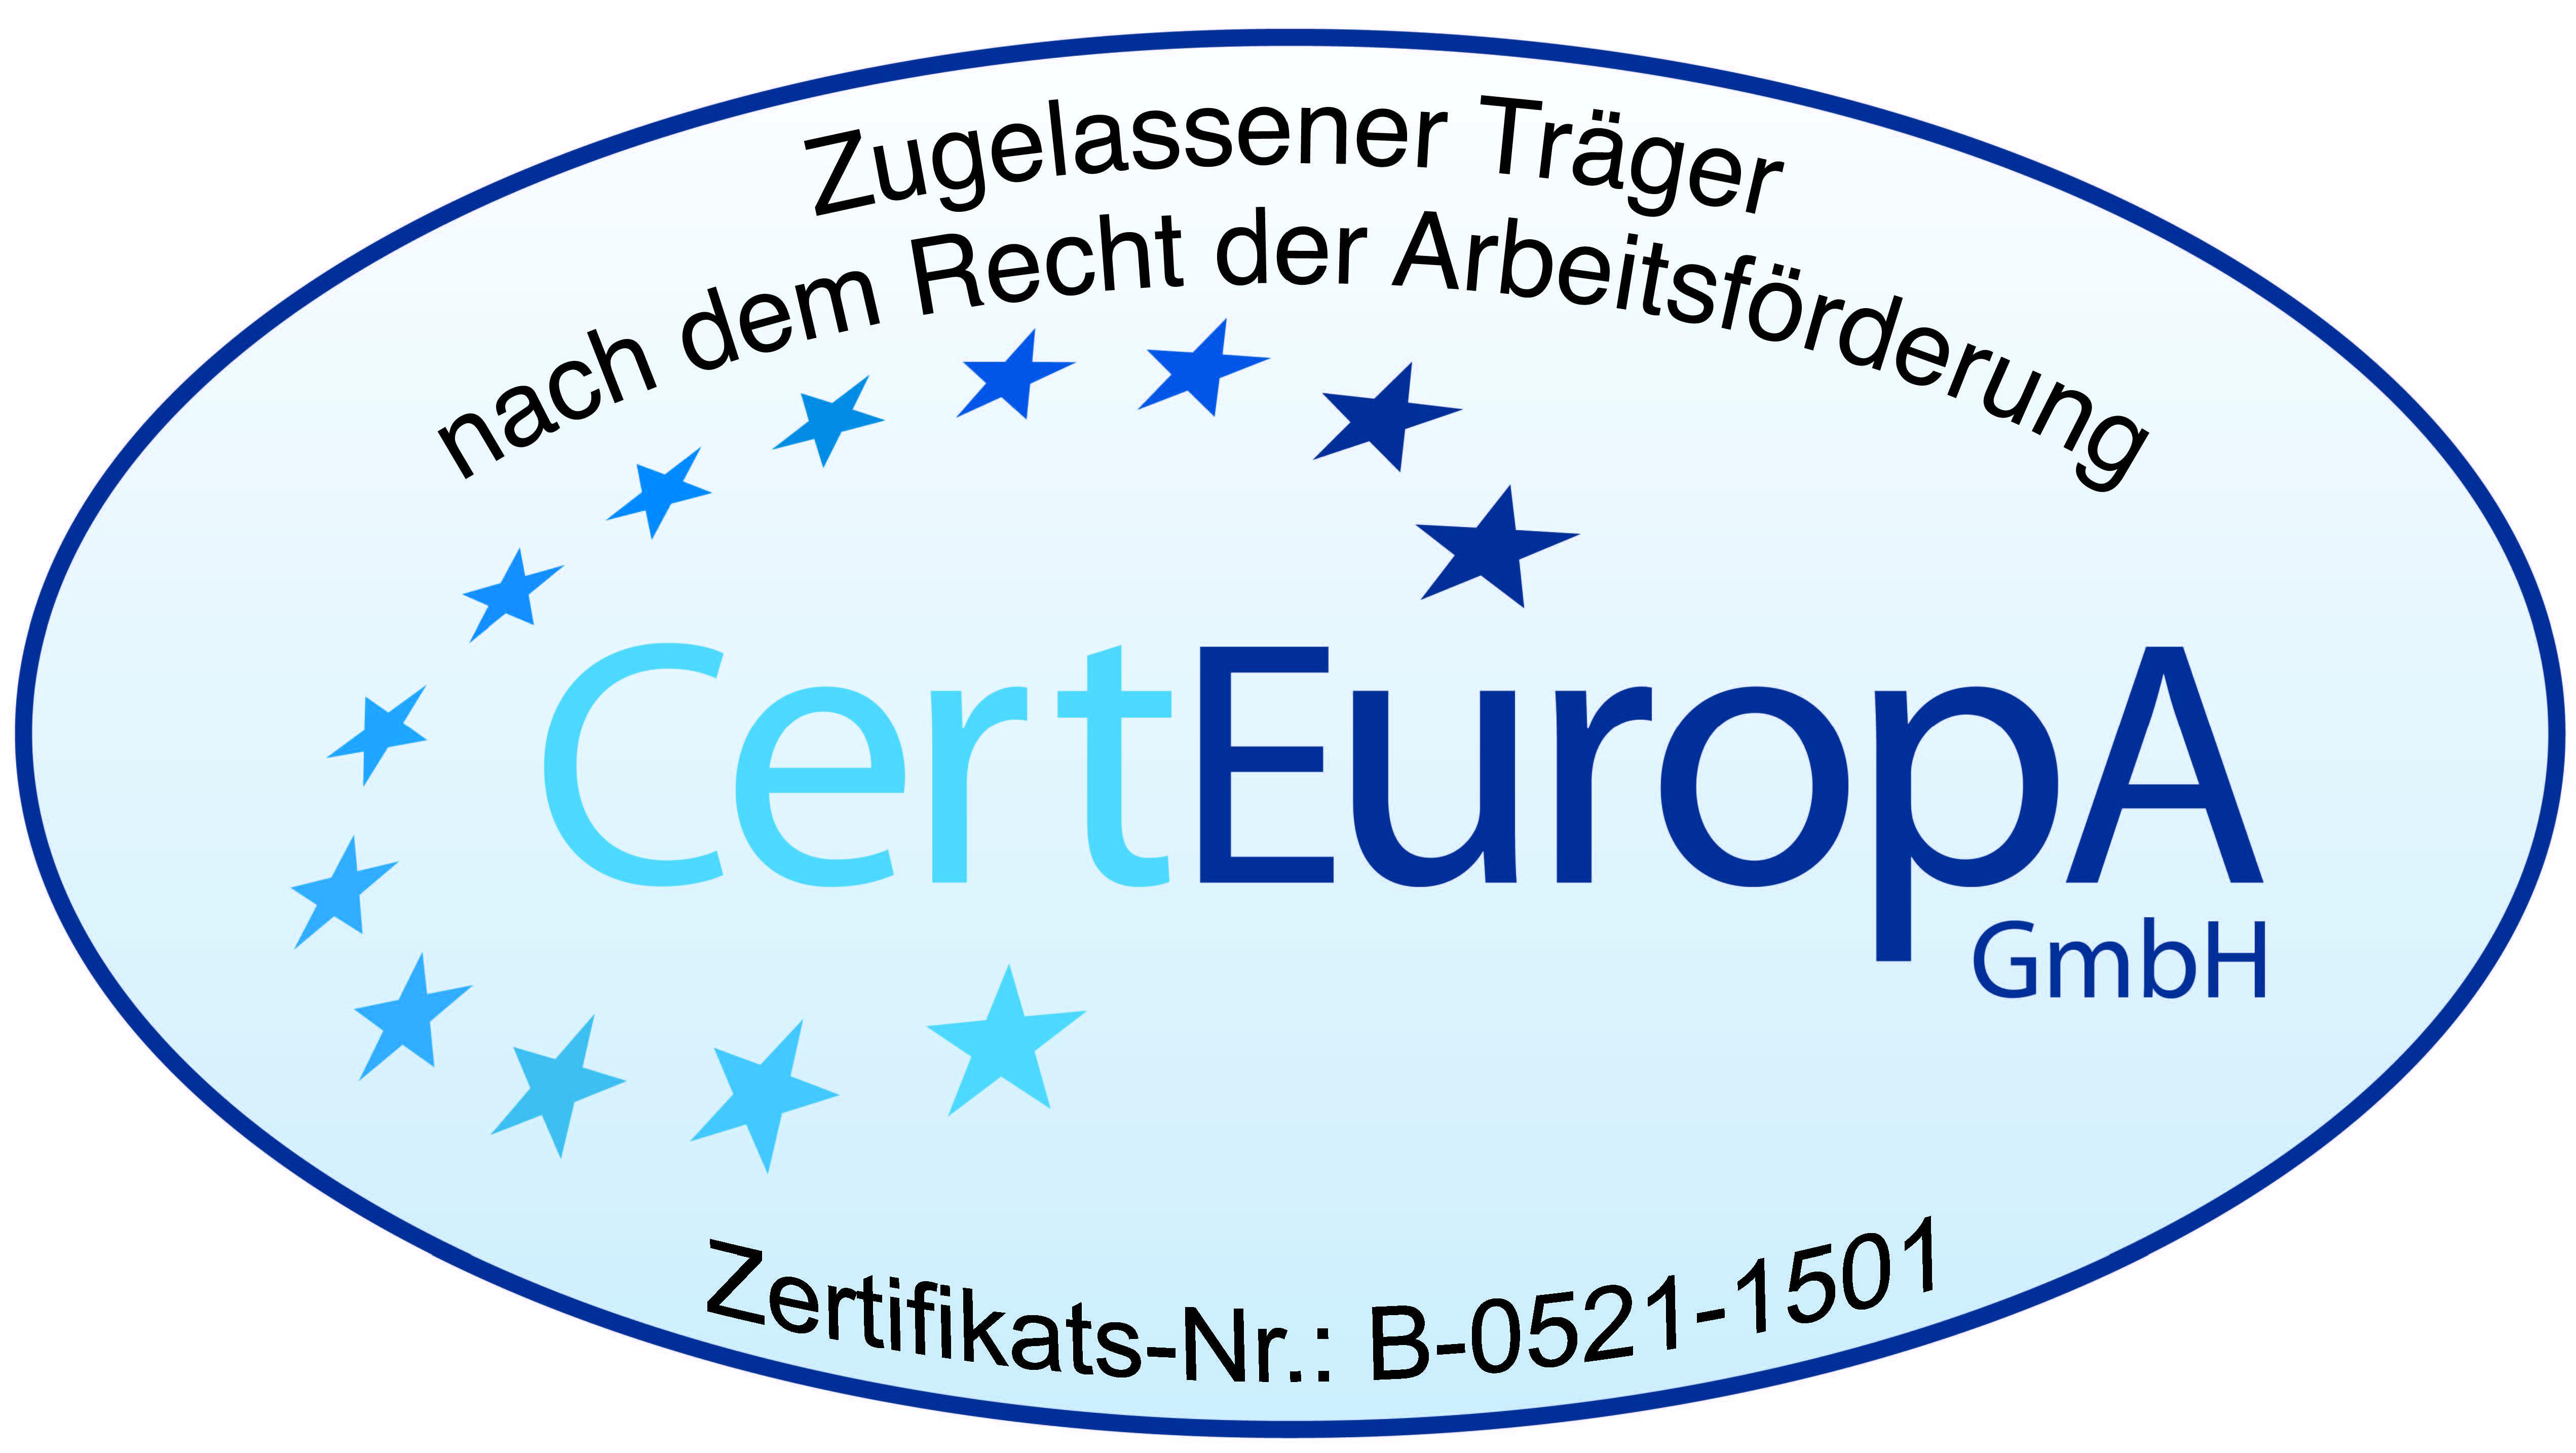 Zugelassener Träger nach dem Recht der Arbeitsförderung CertEuropA GmbH